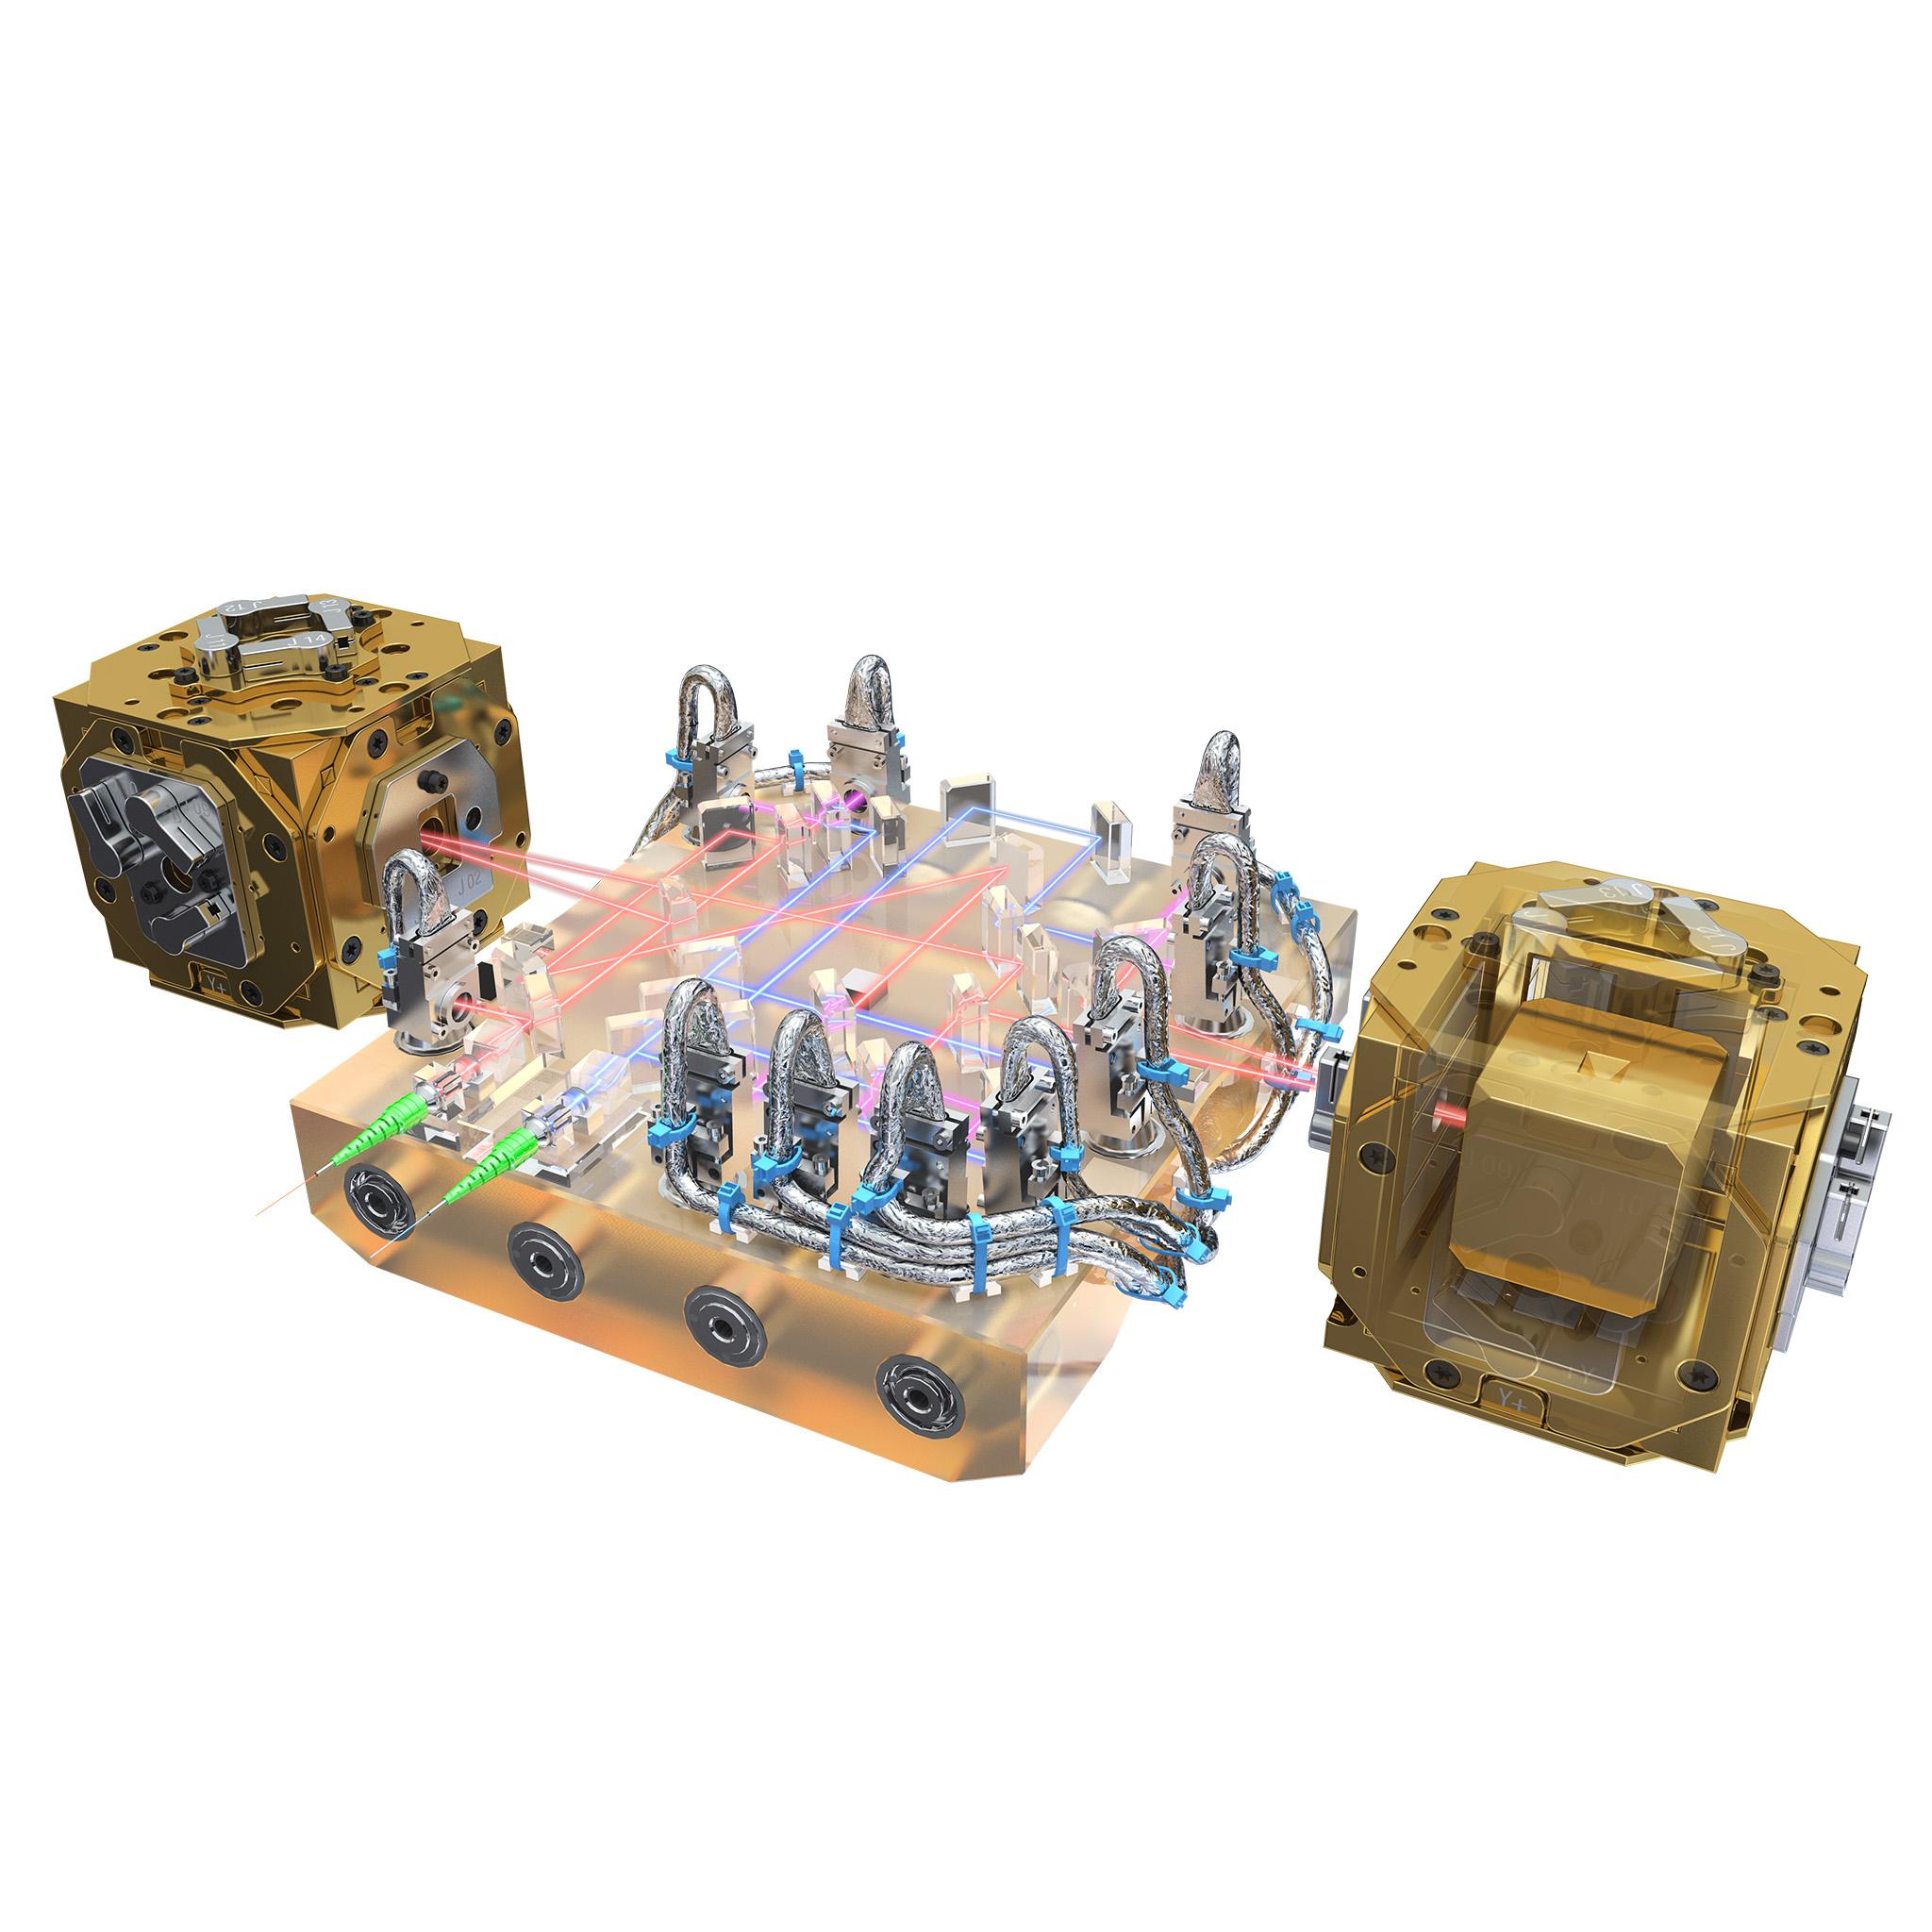 1567215924898-ESA_LISA_Pathfinder_LTP_Interferometer_2k.jpg